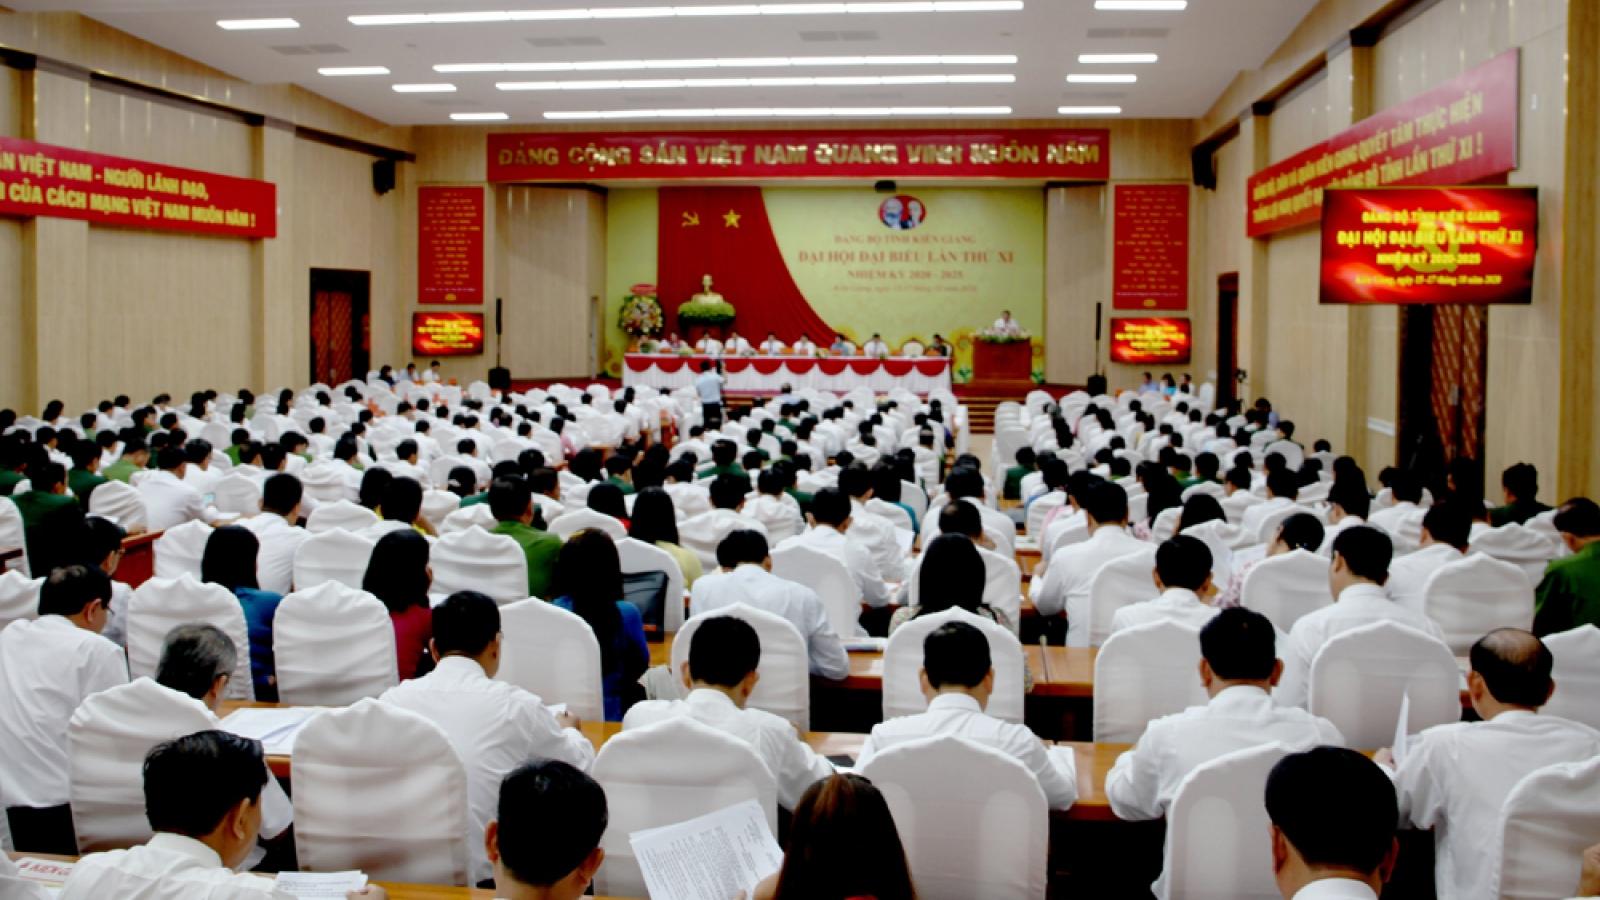 Khai mạc Đại hội đại biểu Đảng bộ tỉnh Kiên Giang lần thứ XI